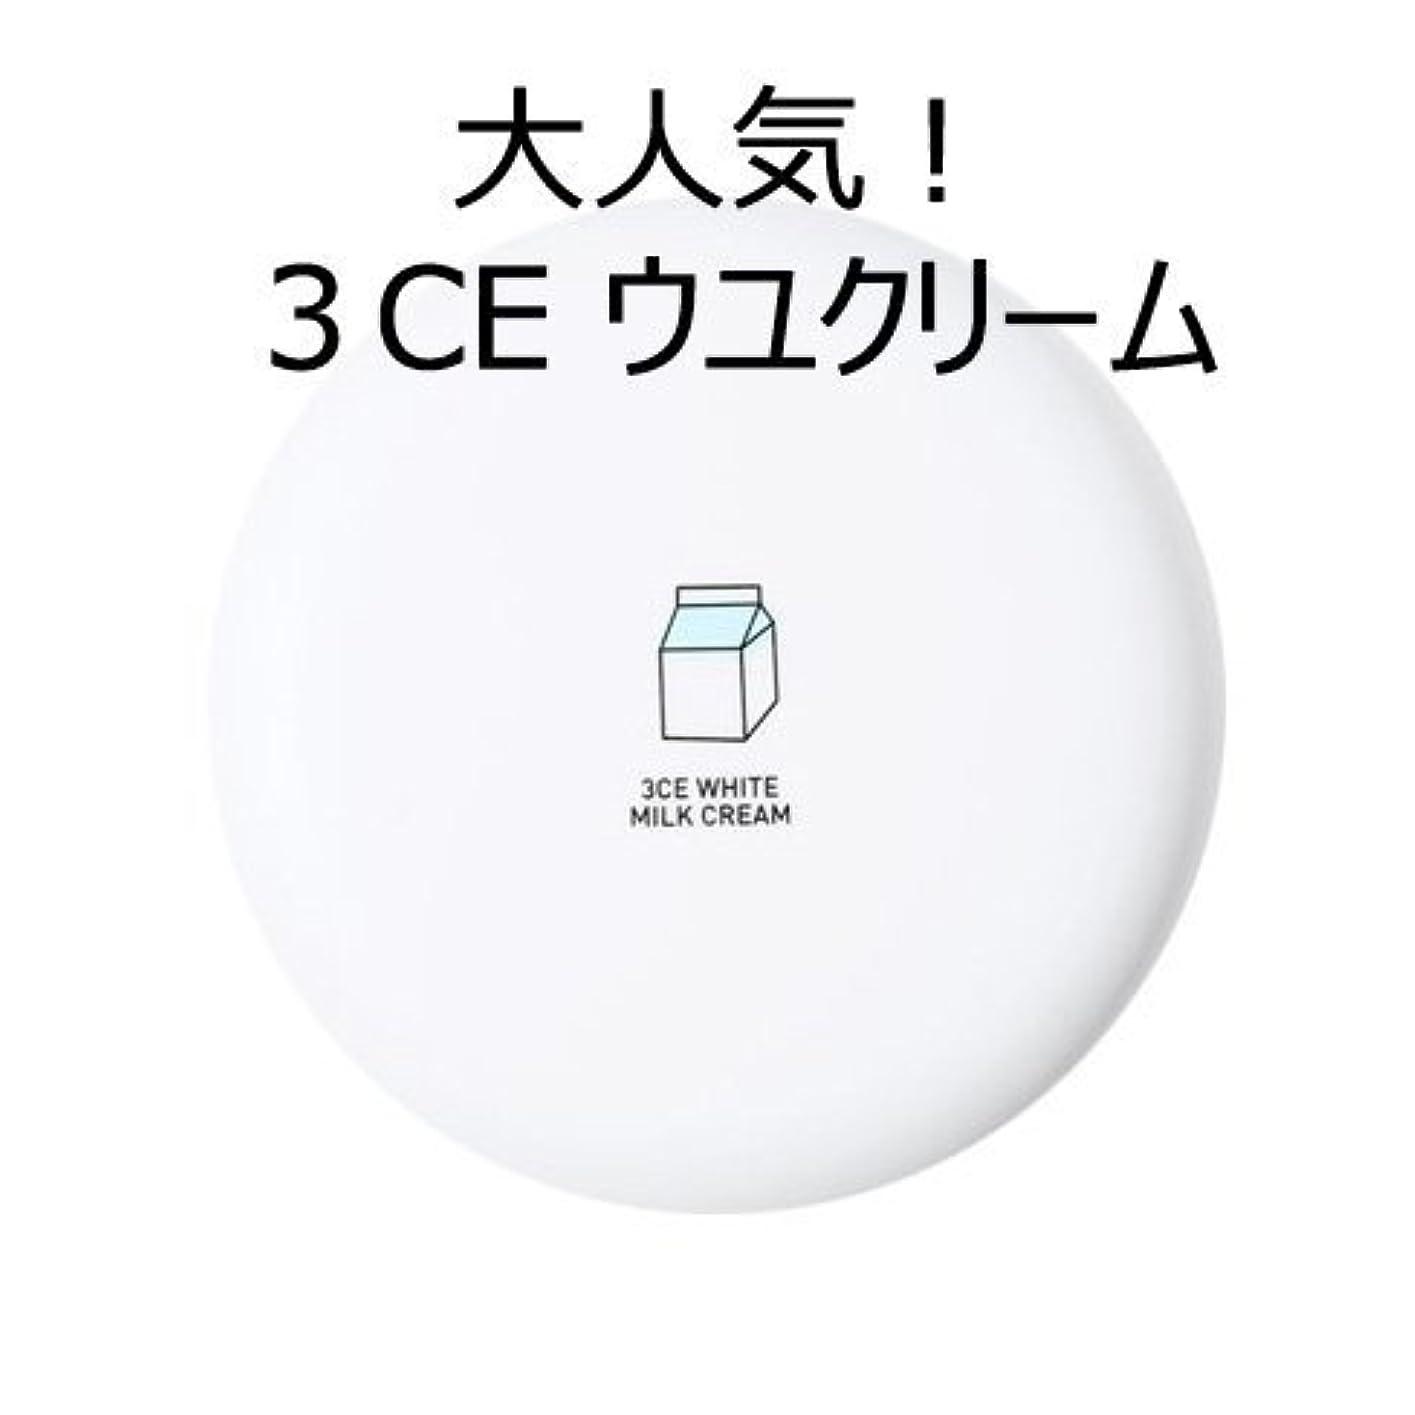 トレーダーに変わるあいまい[3CE] [大人気!話題のウユクリーム] 3CE White Milk Cream [並行輸入品]